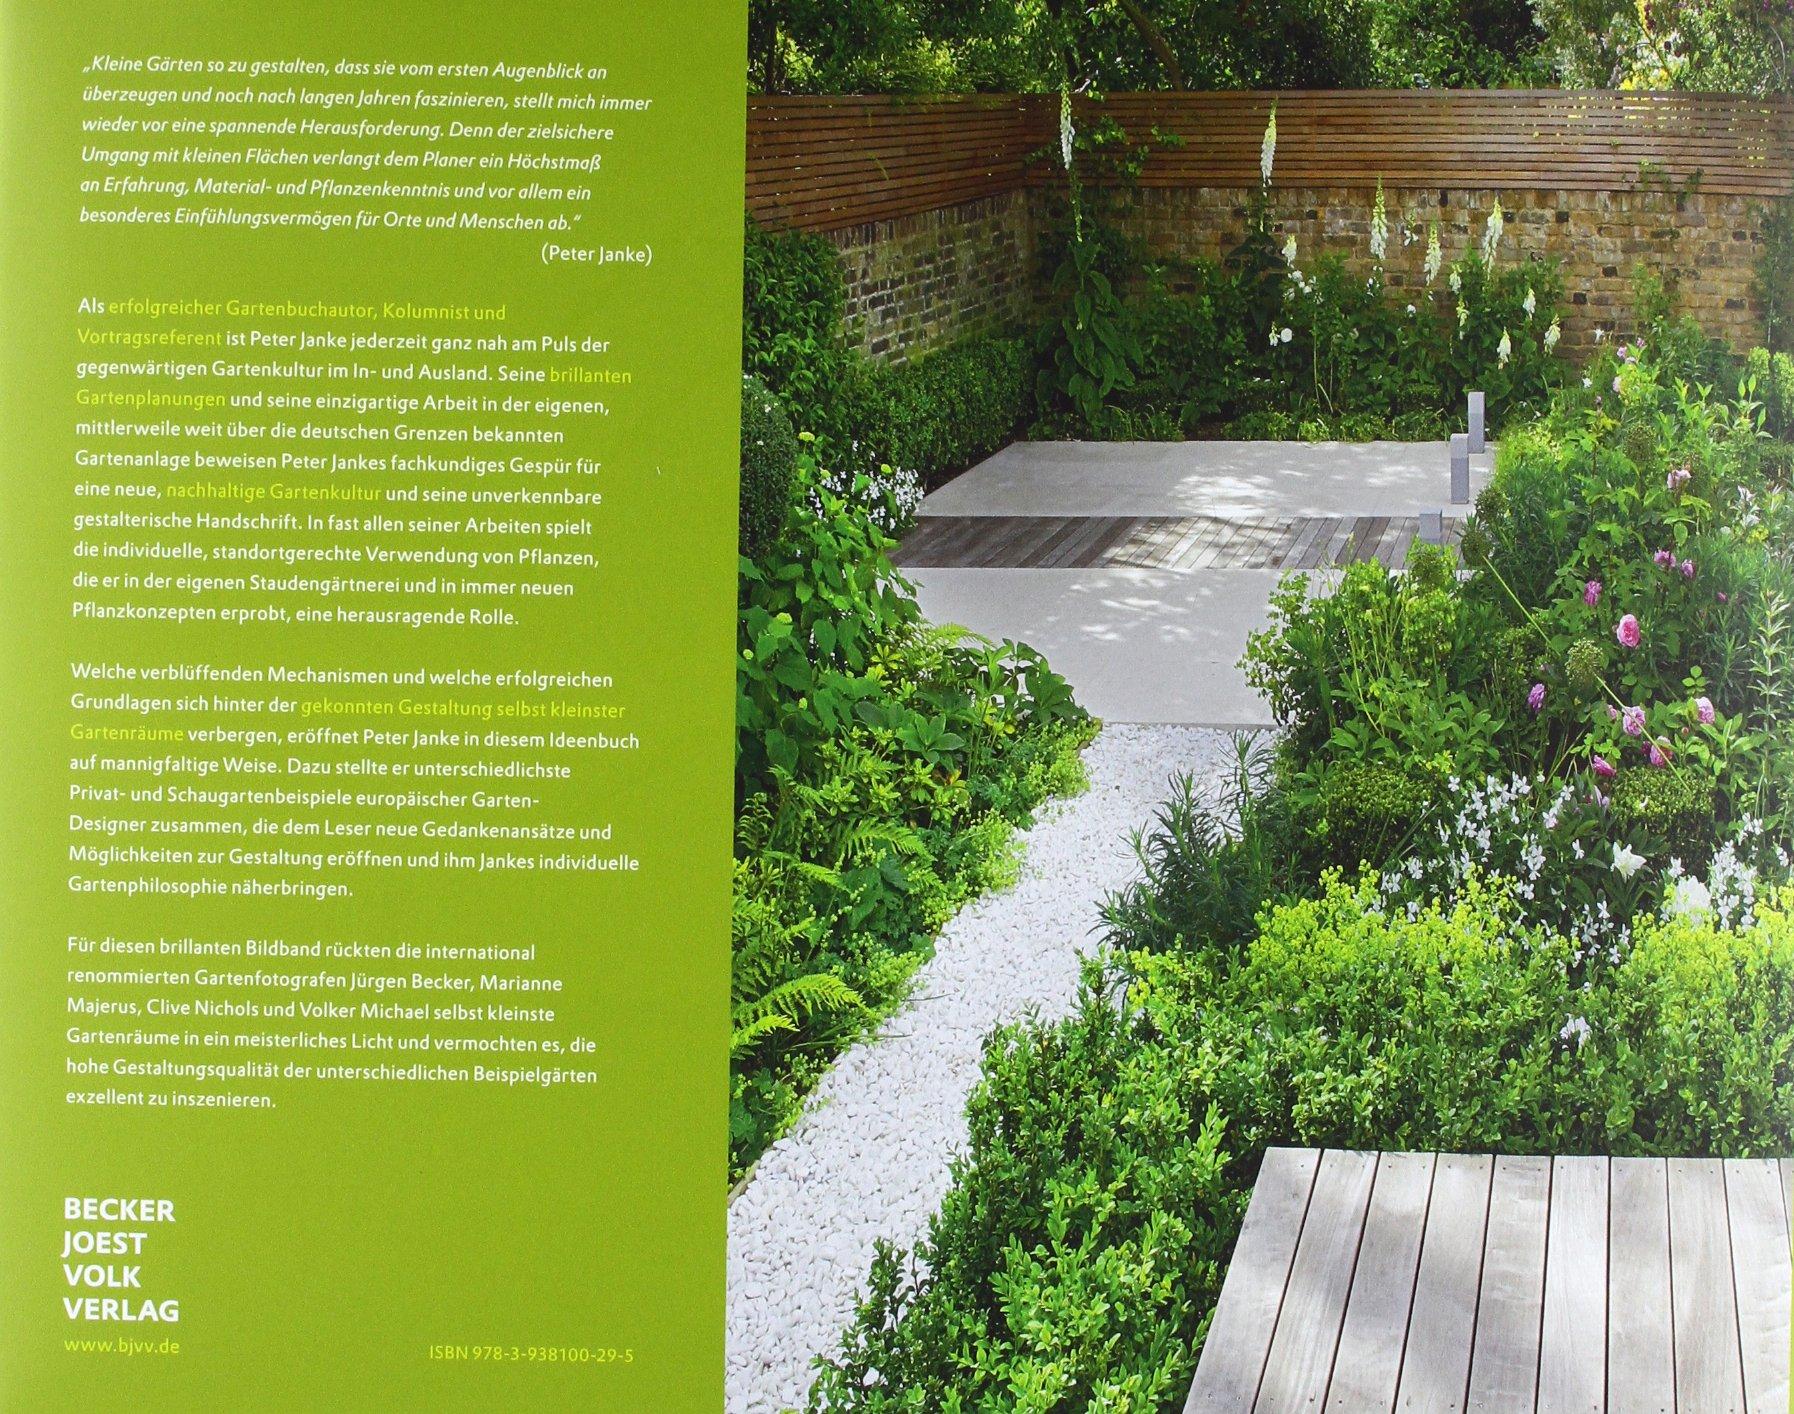 Kleine Gärten. Das große Ideenbuch Garten- und Ideenbücher BJVV ...